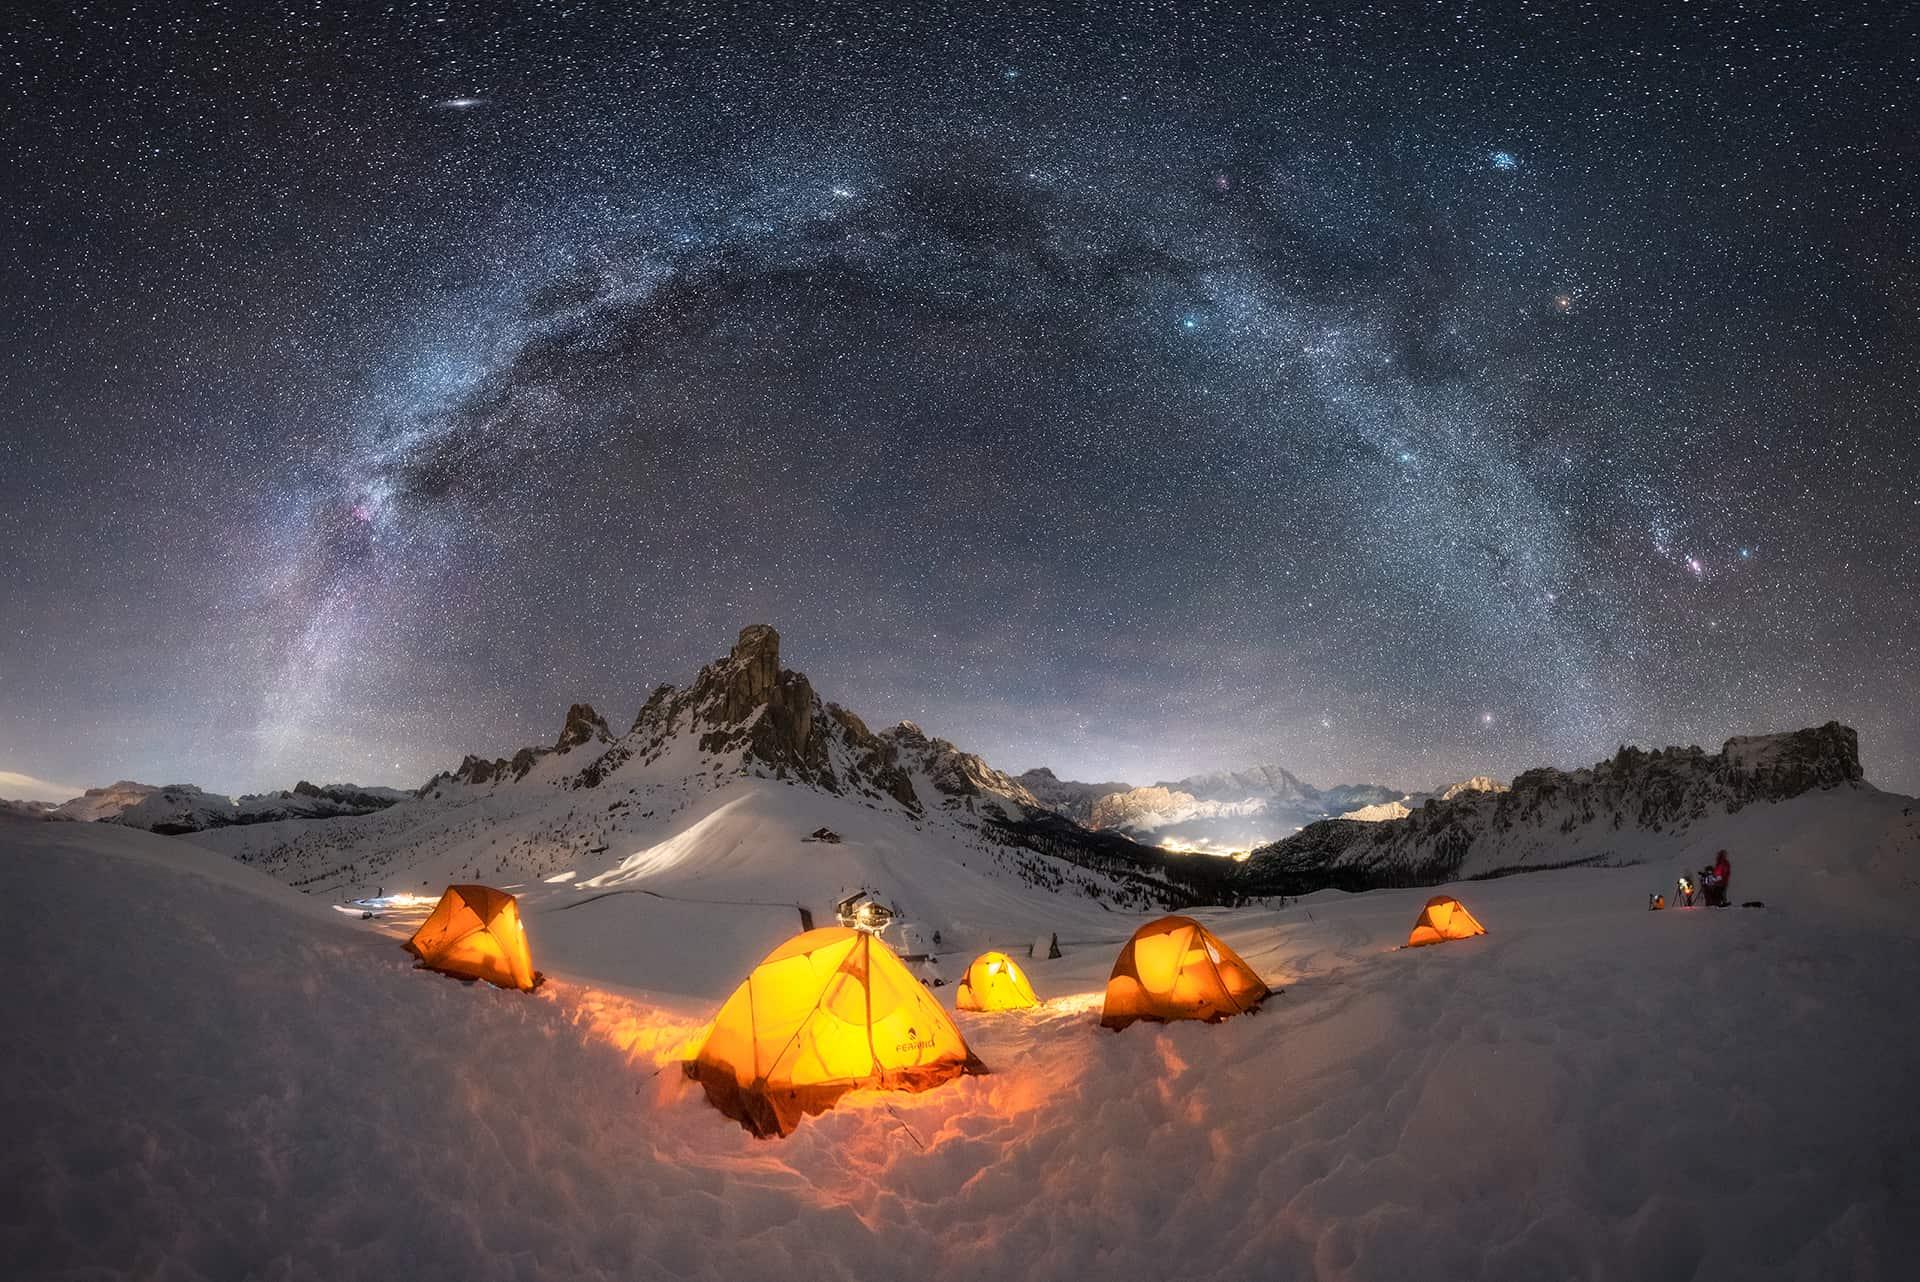 Mejores imágenes de Vía Láctea de invierno